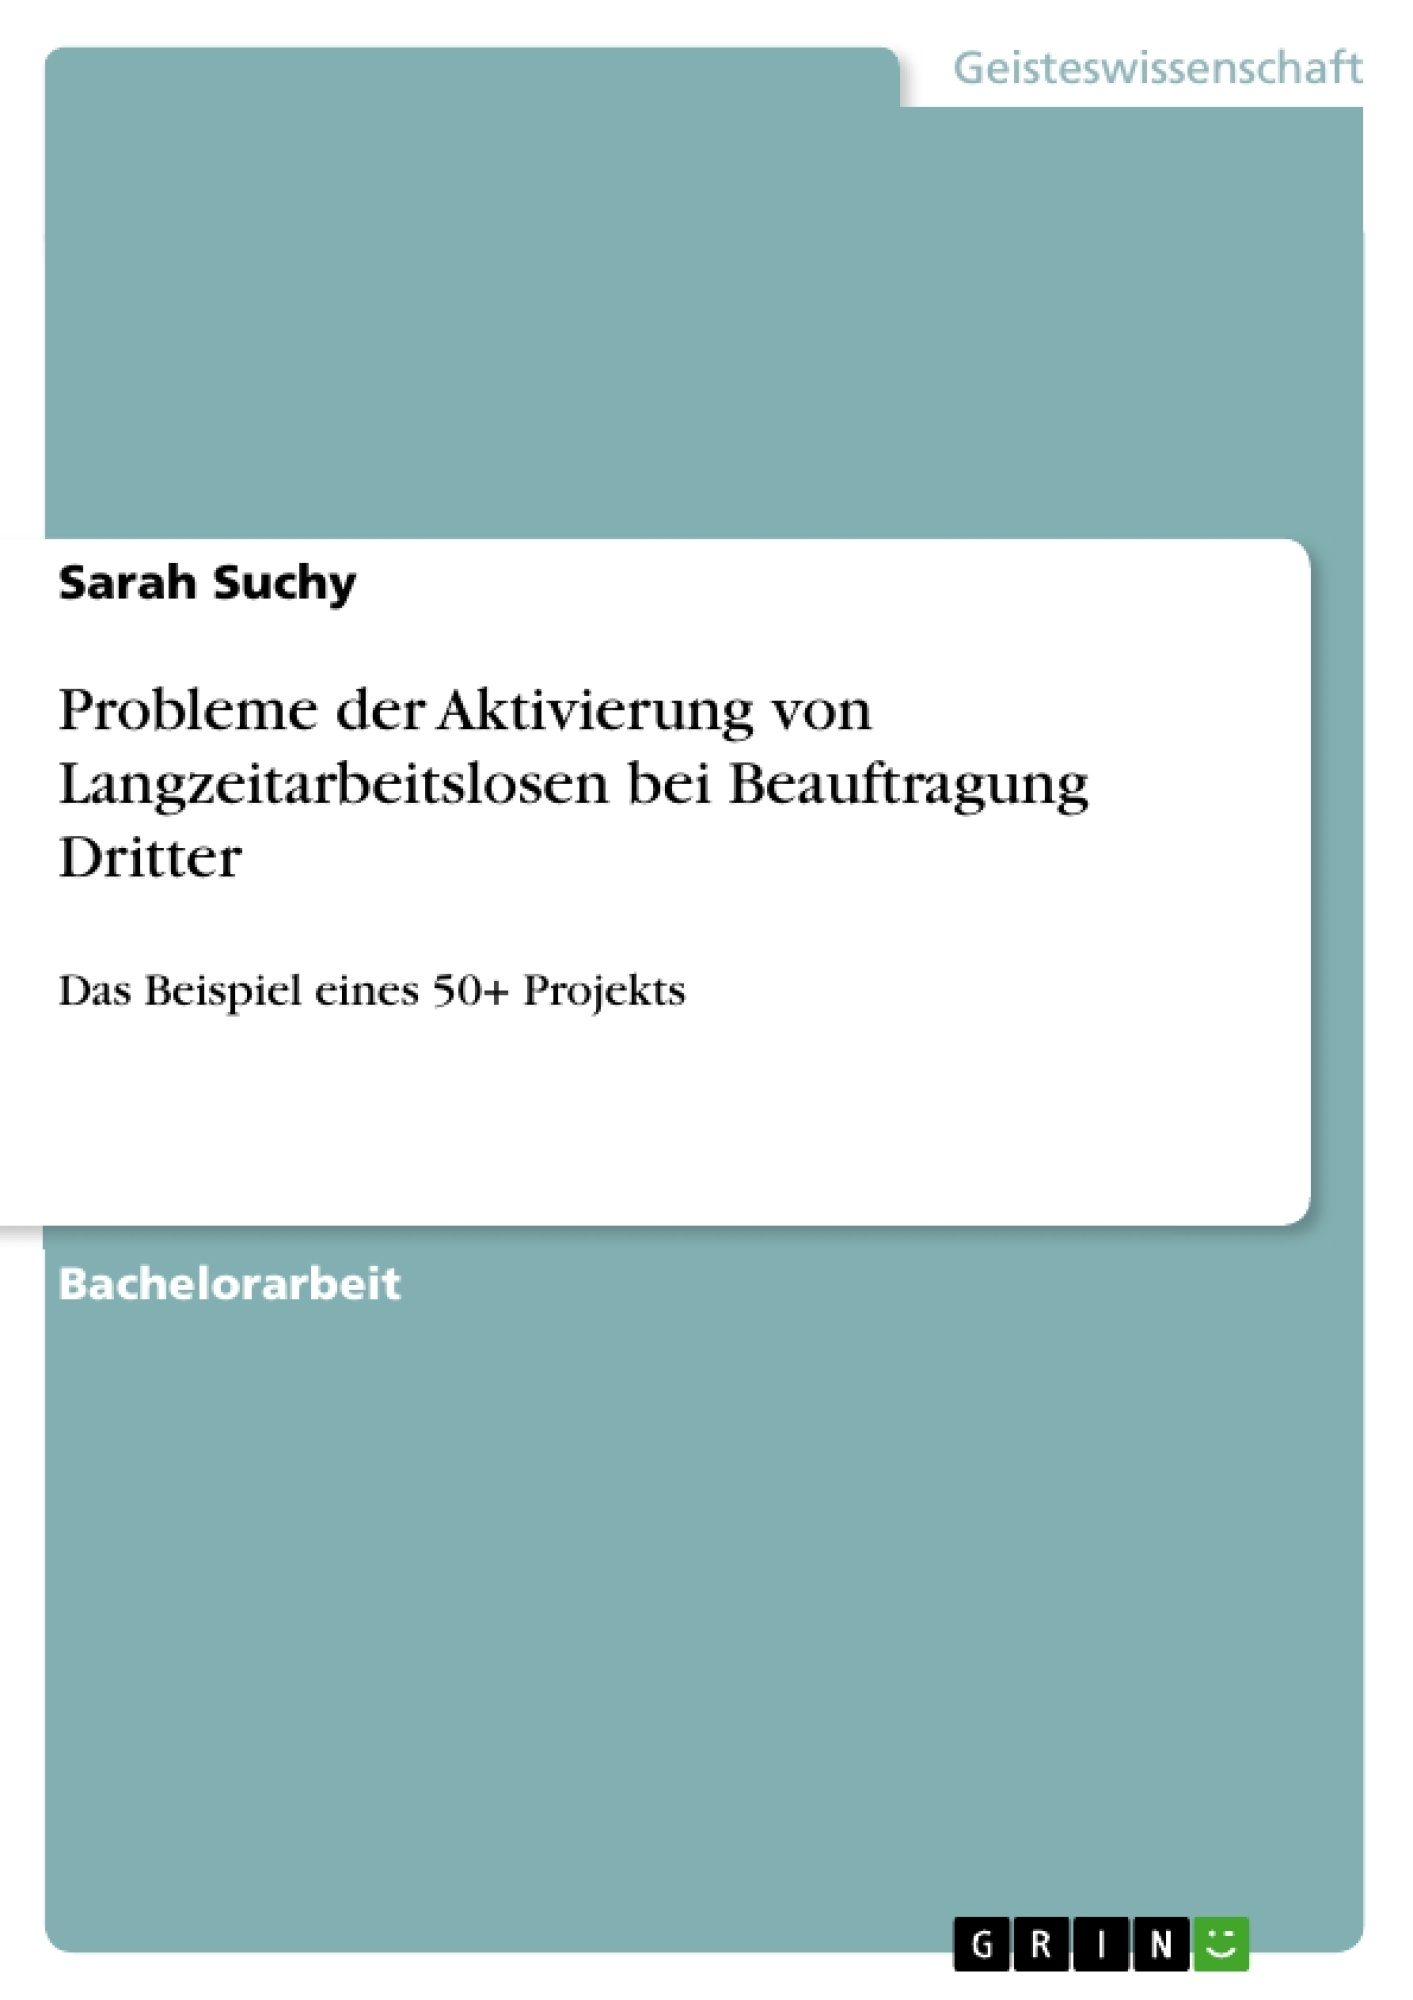 Titel: Probleme der Aktivierung von Langzeitarbeitslosen bei Beauftragung Dritter